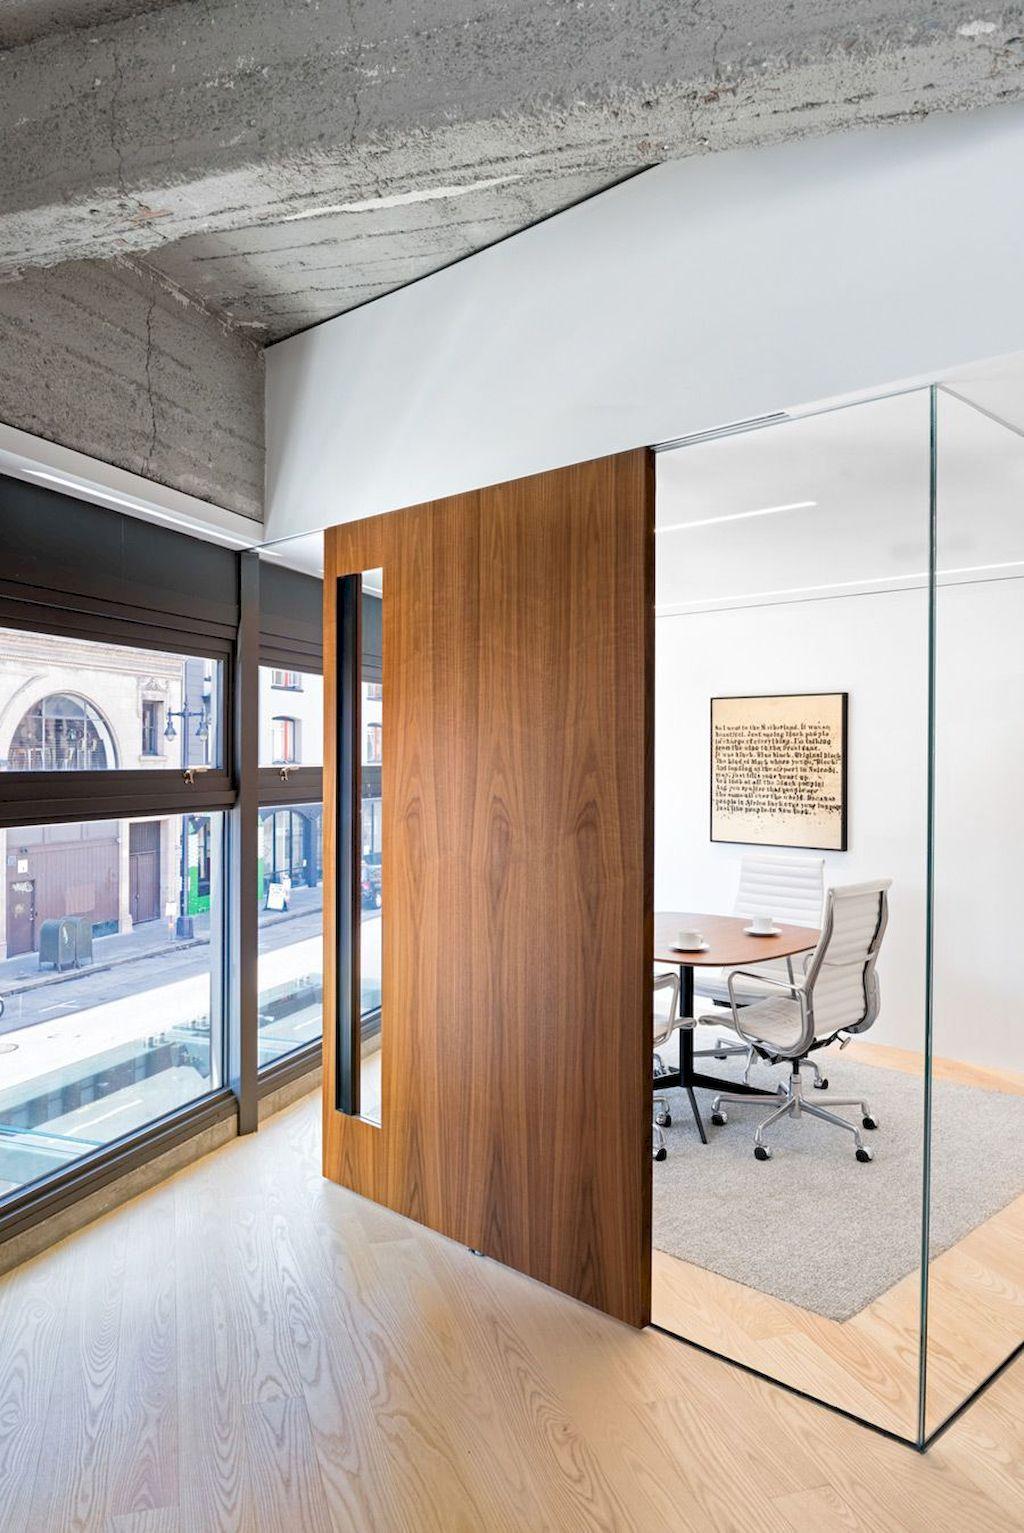 Adorable Top 150 Type Of Marvelous Doors Design Https Homeofpondo Com Top 150 Type Of Marvelou Corporate Office Design Office Interior Design Office Layout